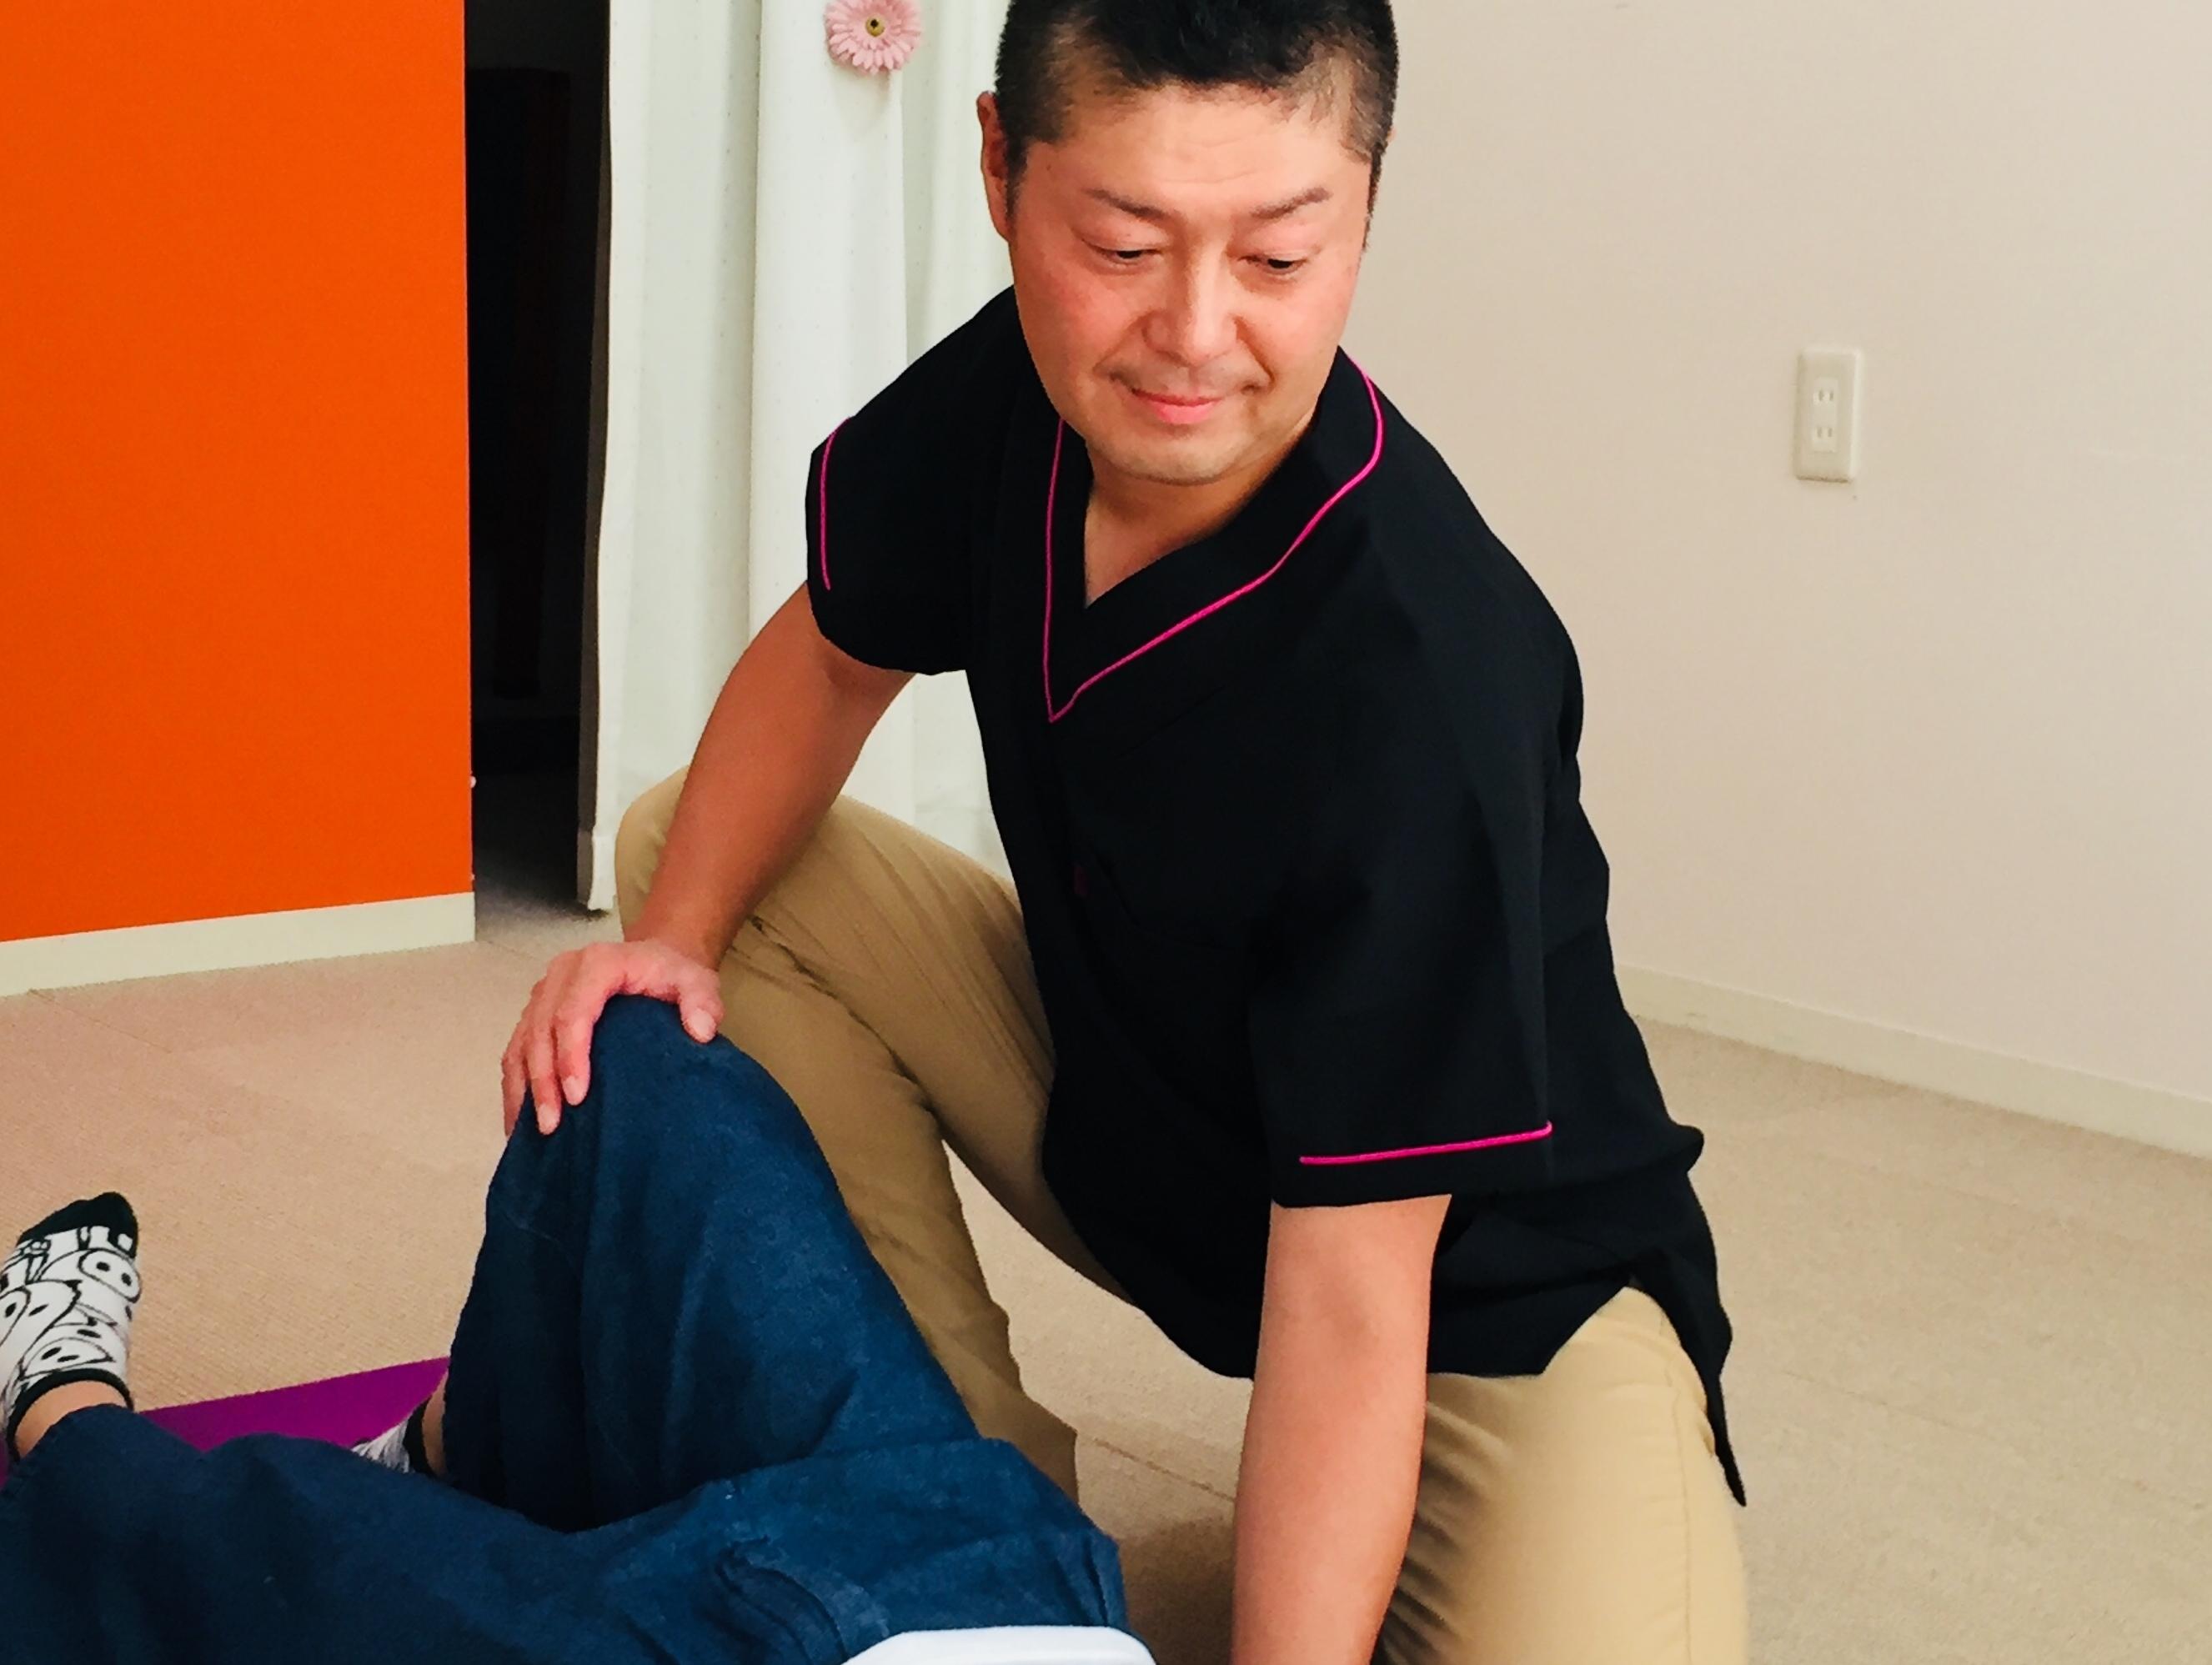 無痛整体,立腰整体,最適な施術